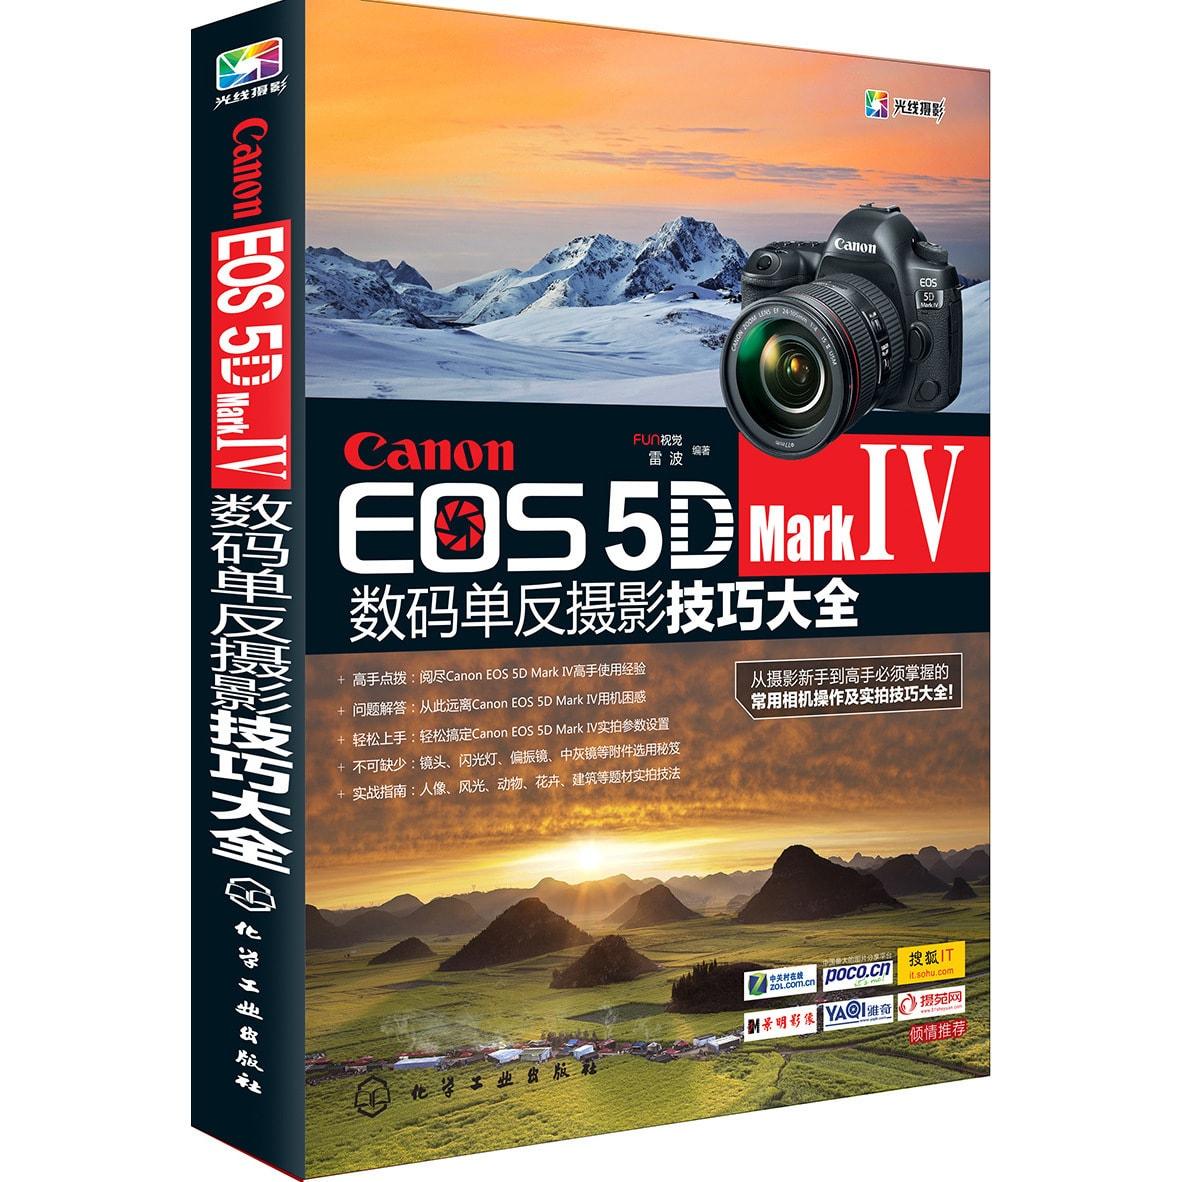 Canon EOS 5D Mark Ⅳ数码单反摄影技巧大全 怎么样 - 亚米网